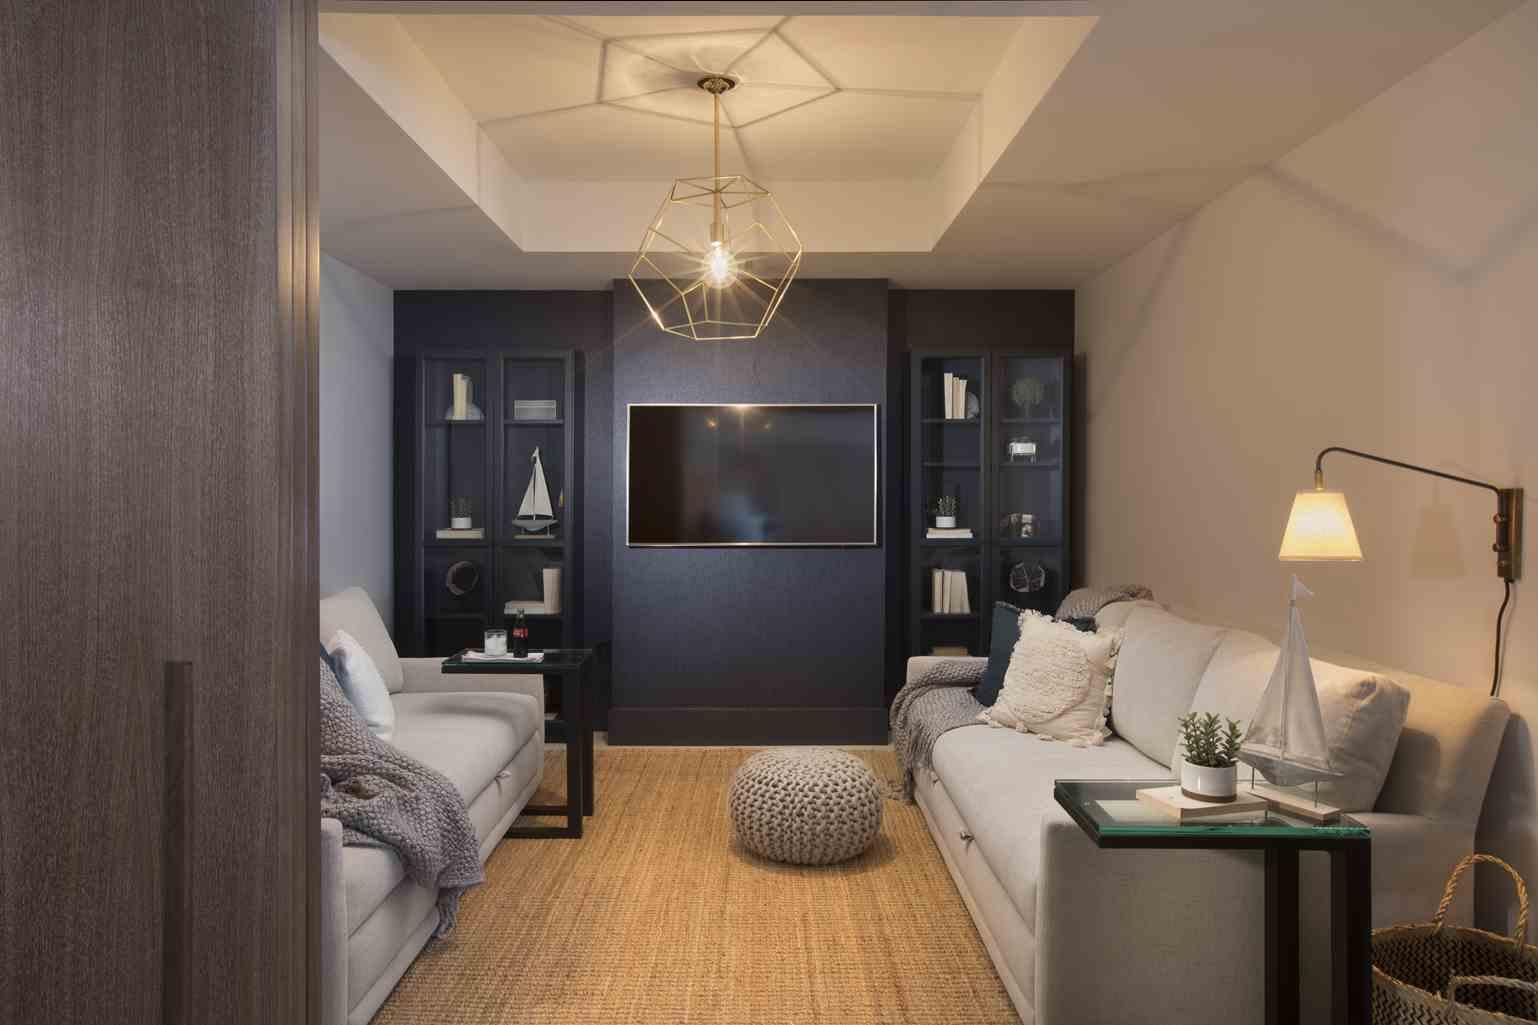 Media Room Ideas Residential Interior Design From Dkor Interiors